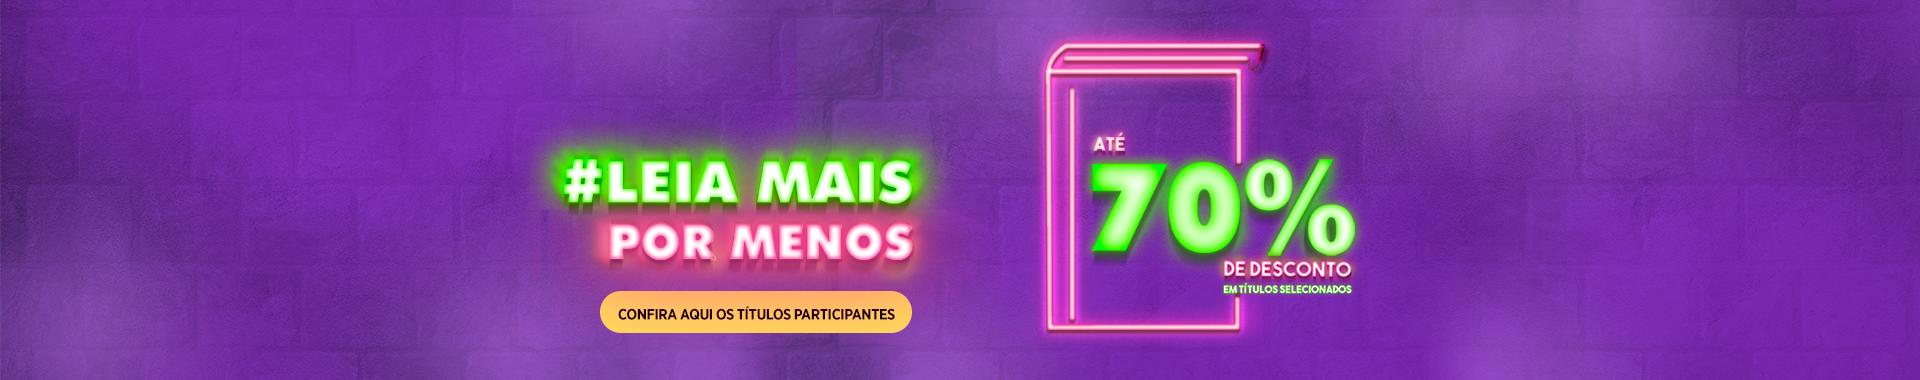 LeiaMaisPorMenos - 1